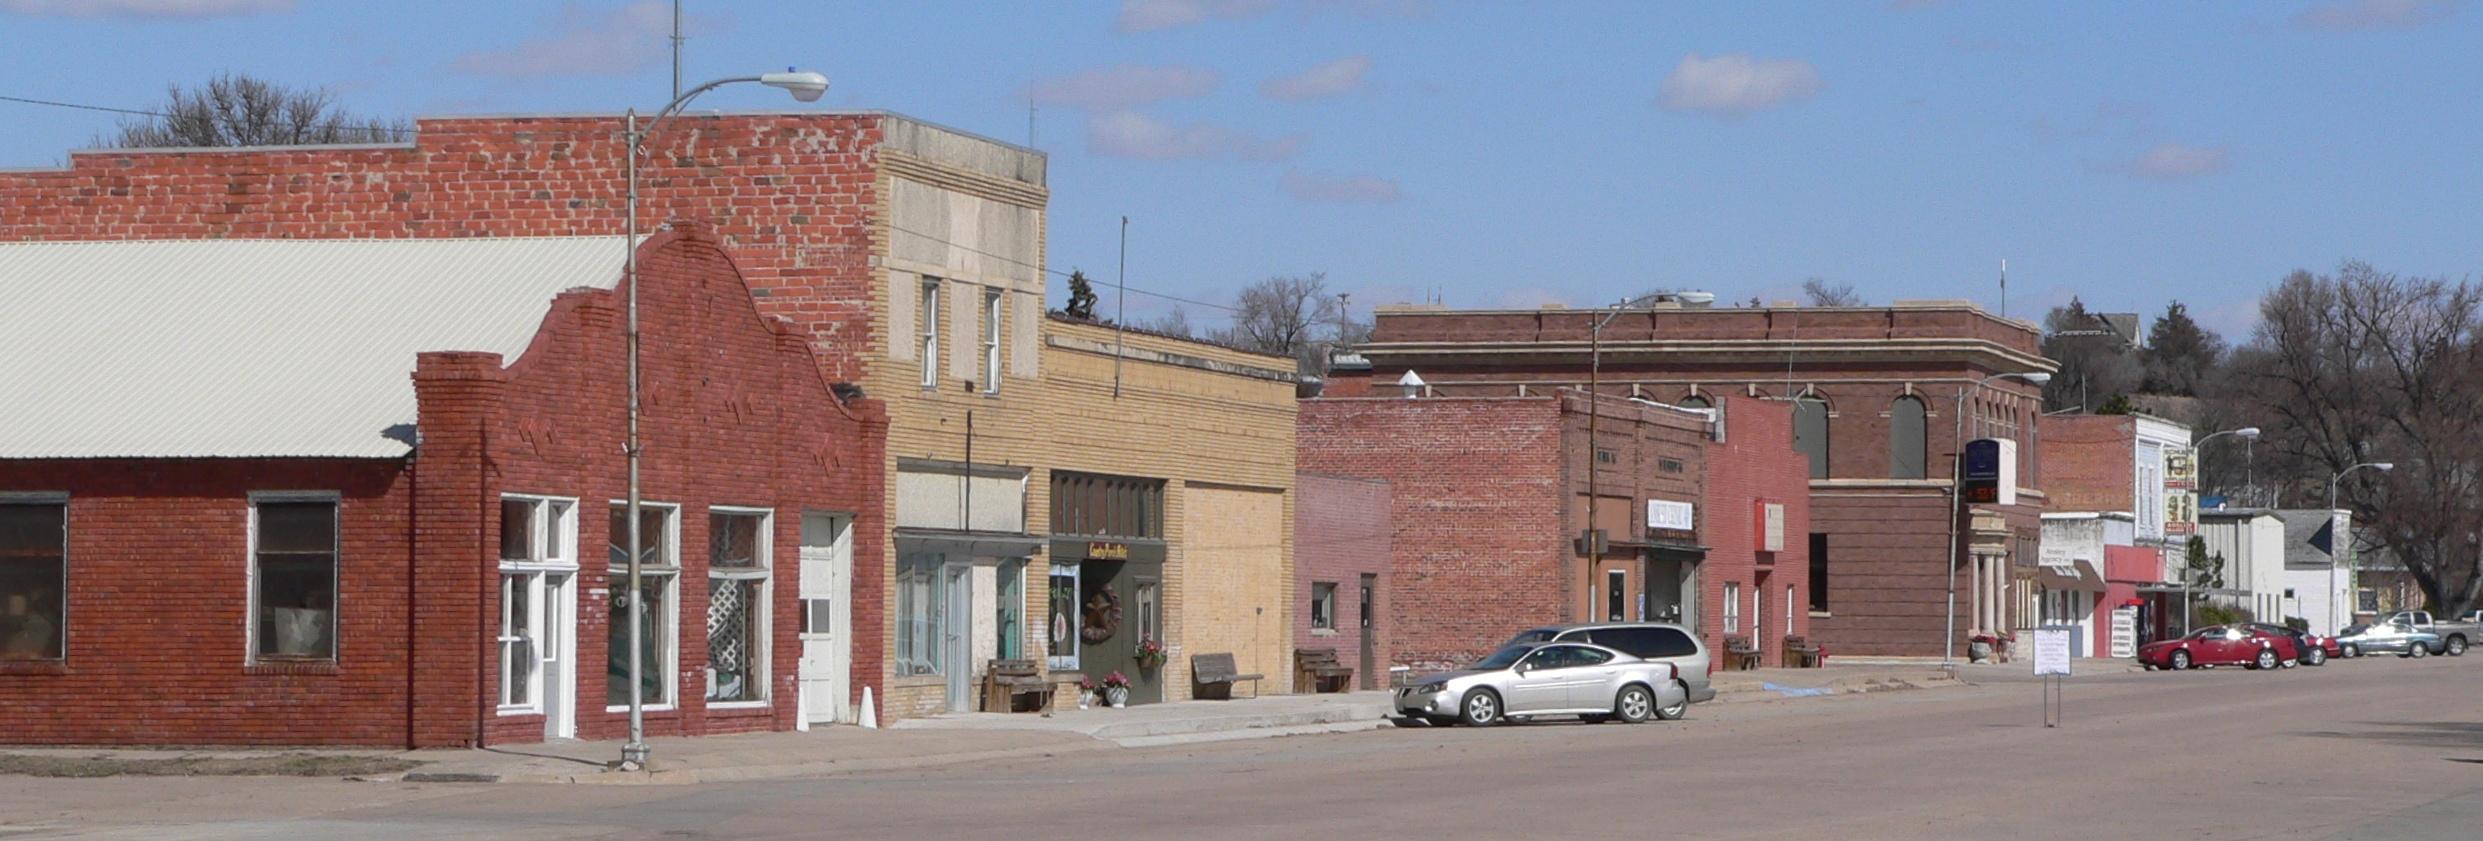 Ansley funeral homes funeral services flowers in nebraska for Nebraska home builders